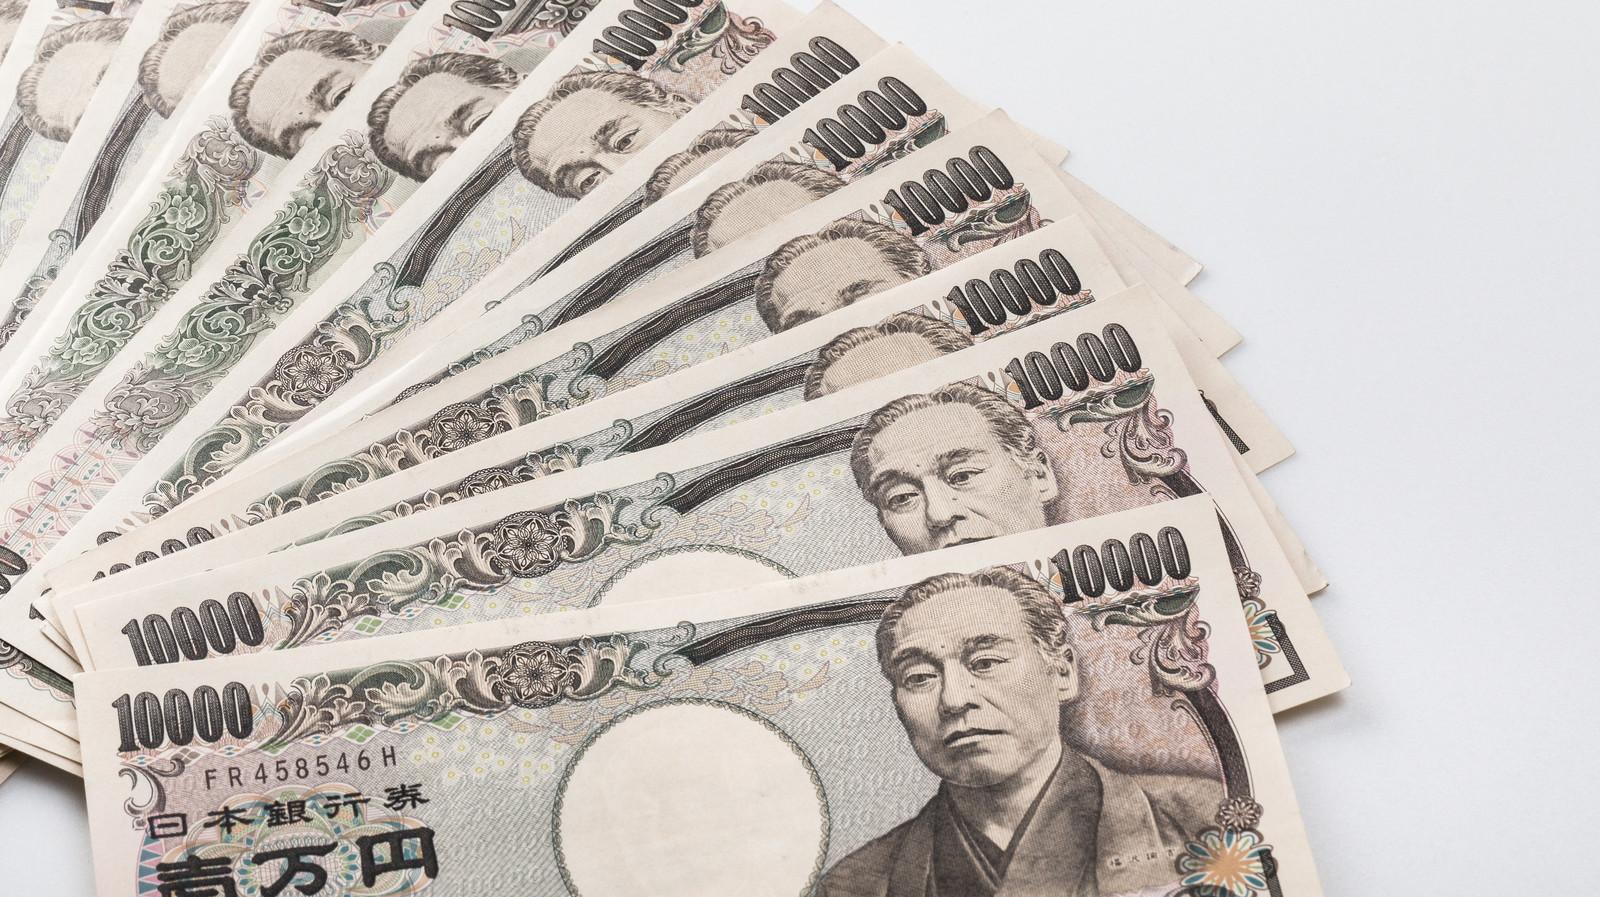 複数枚ある1万円札をきれいに並べている。